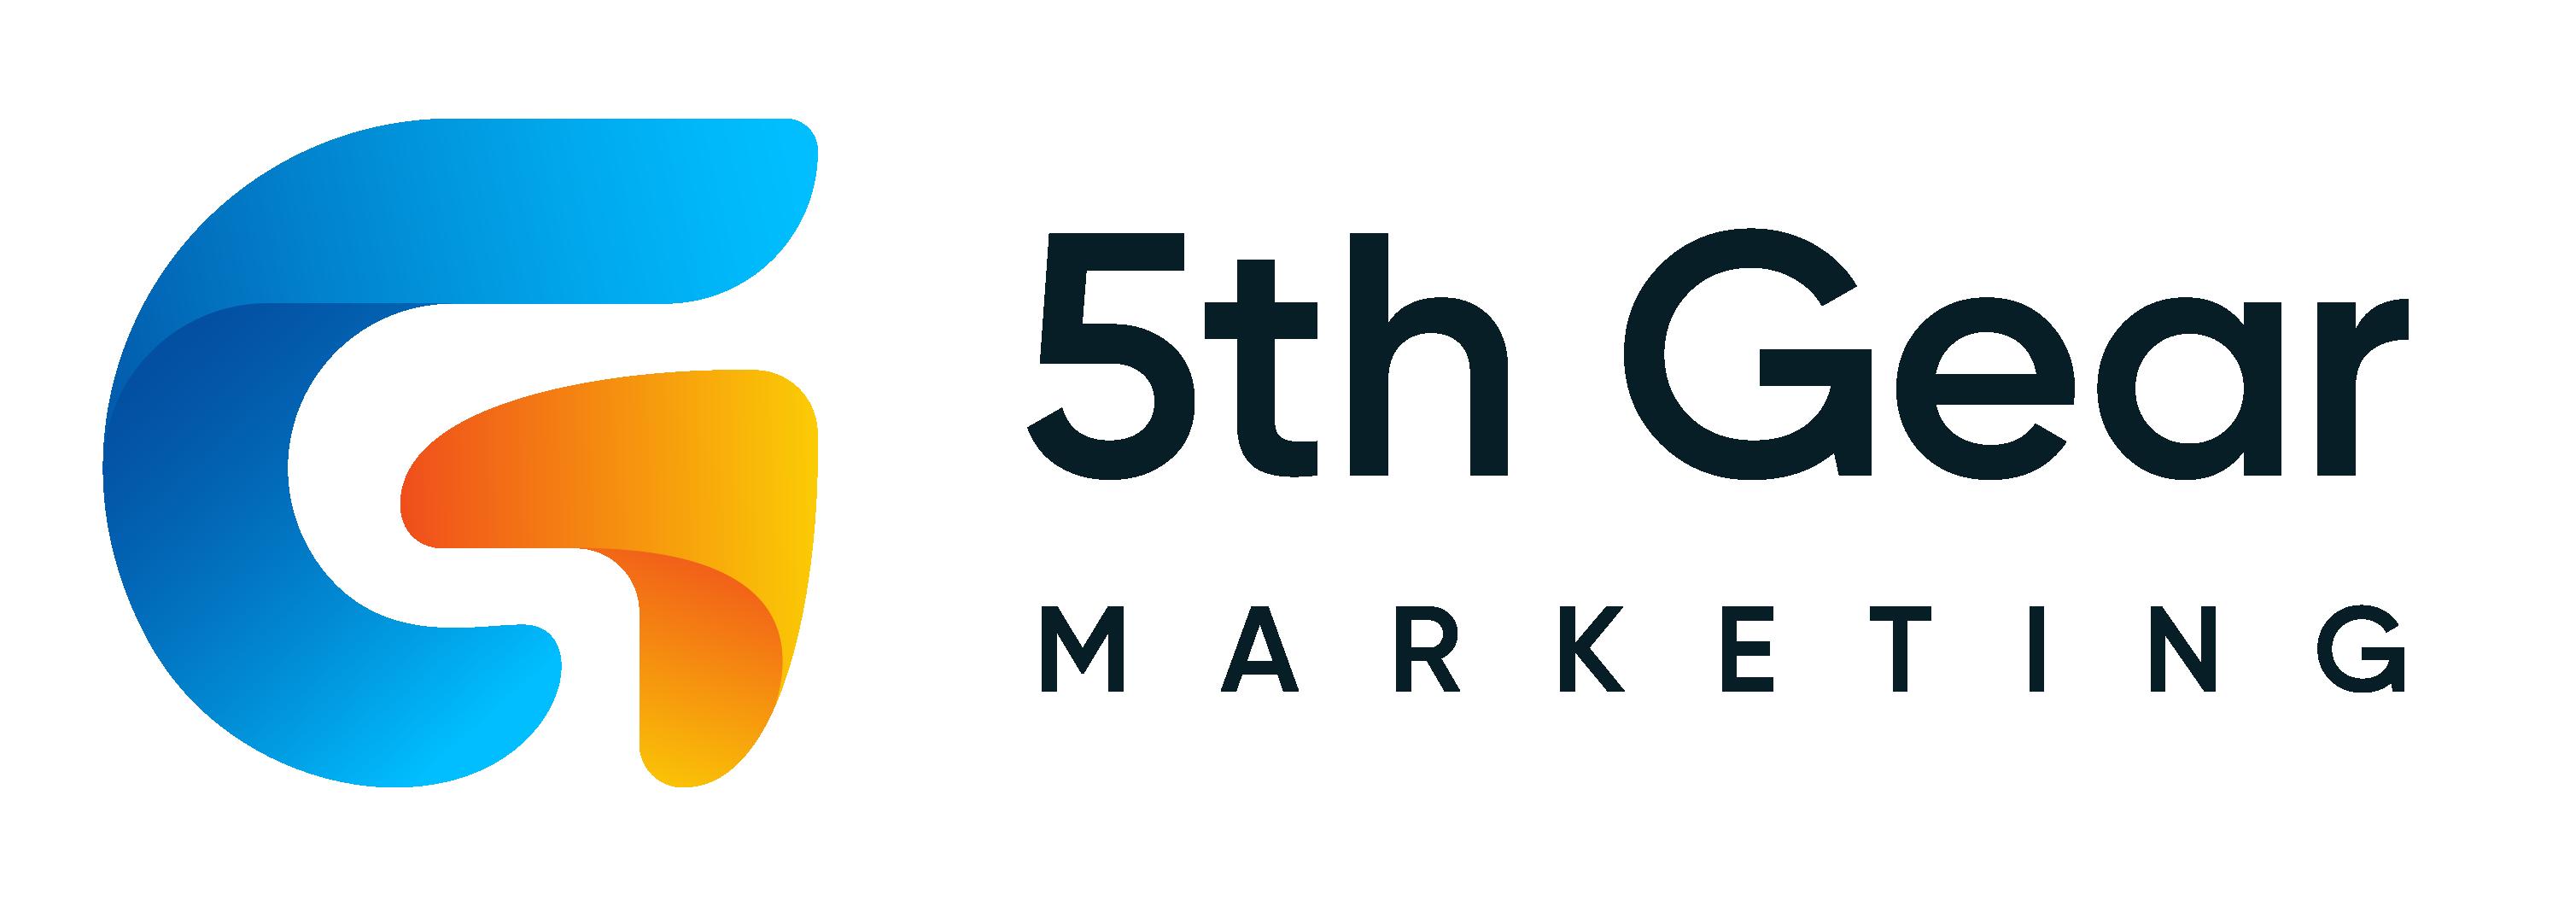 5th Gear Marketing Logo